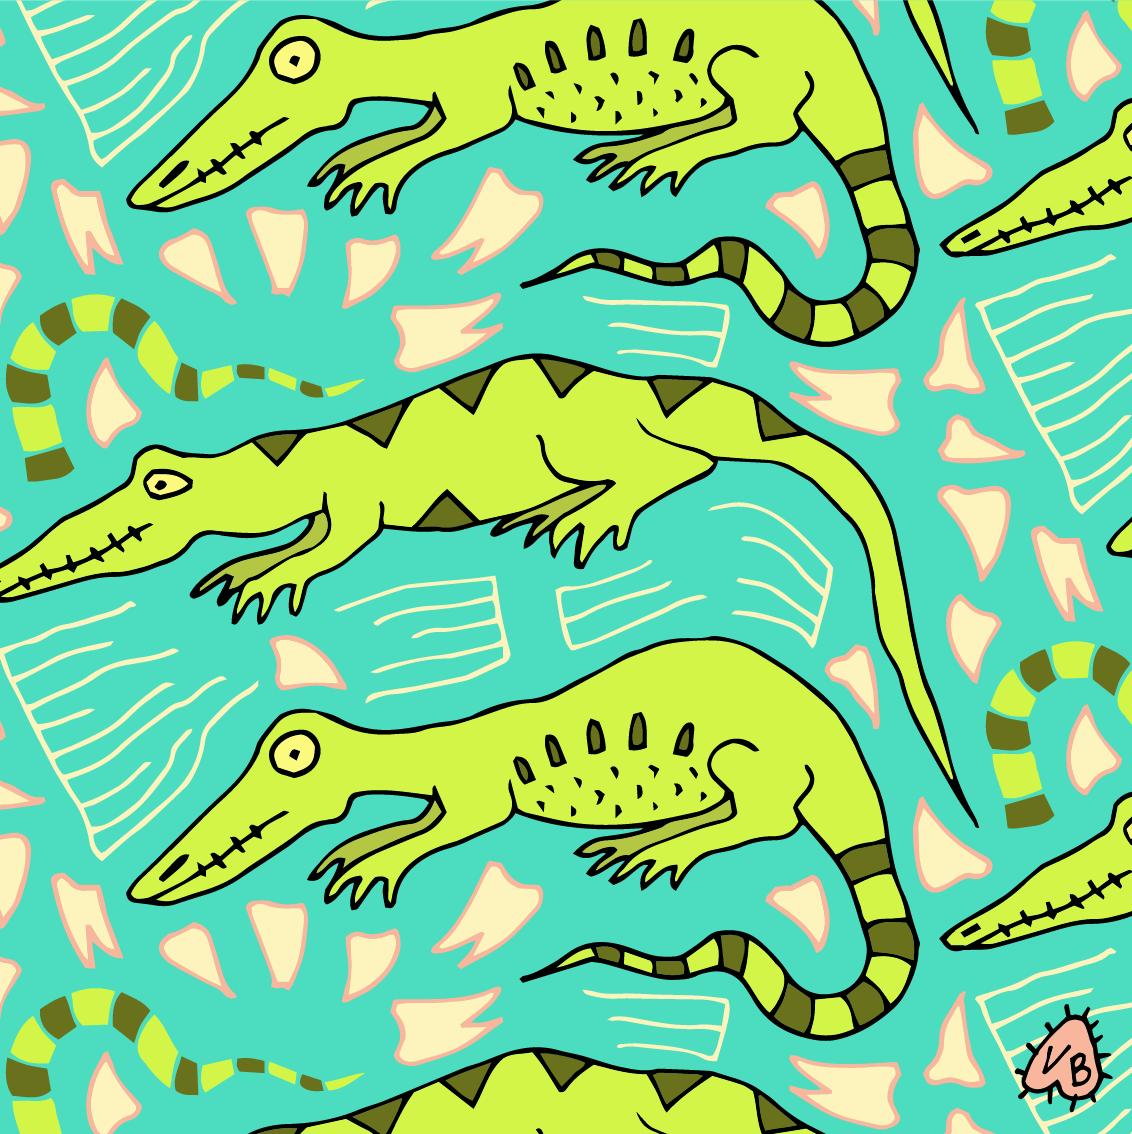 02.22.16_crocodile.png